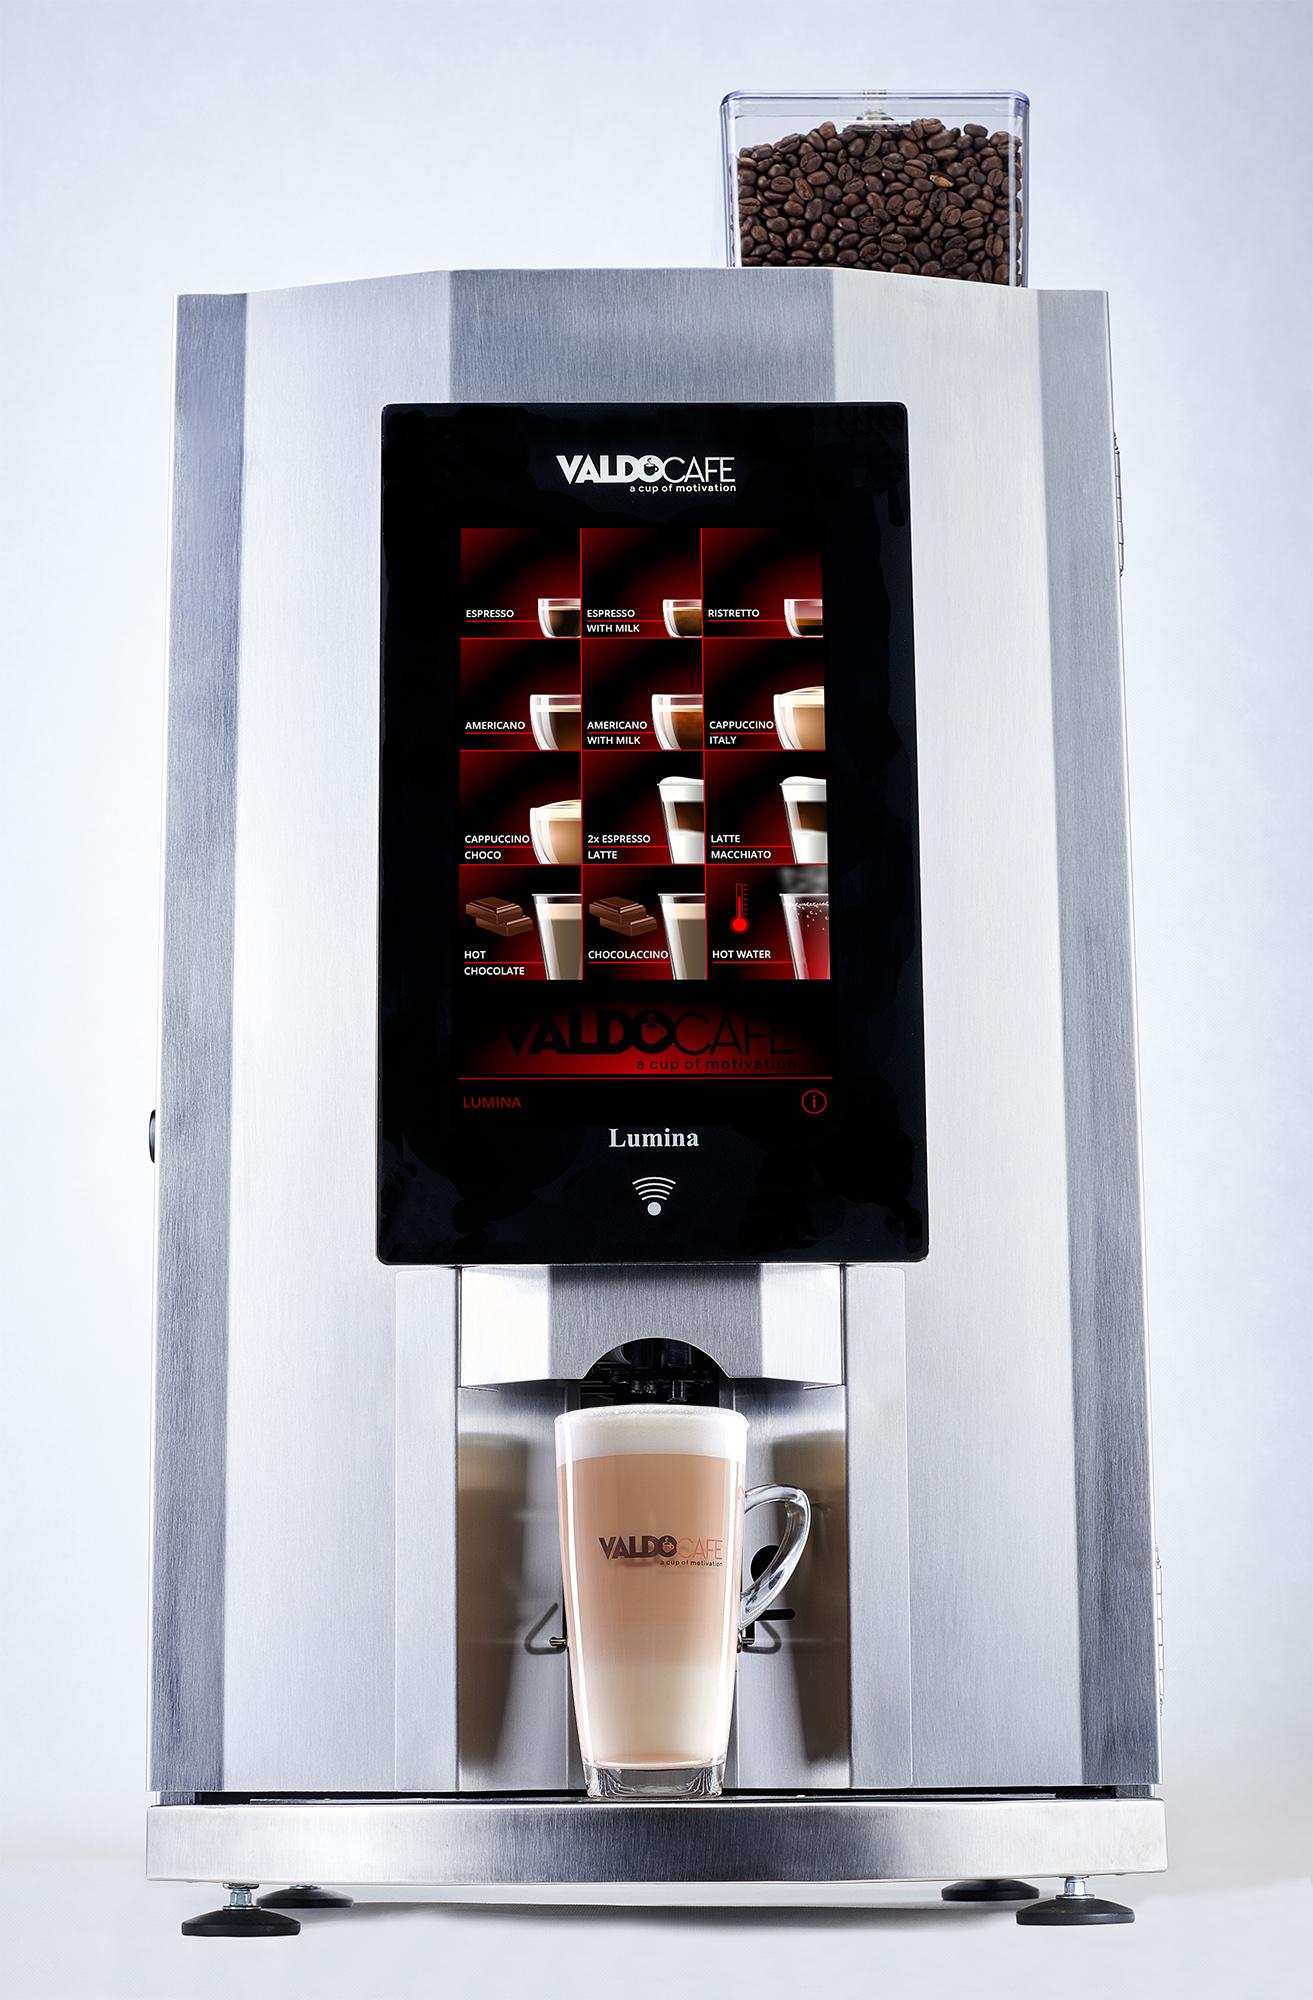 Asztali kávégépet keresek valdocafe.hu